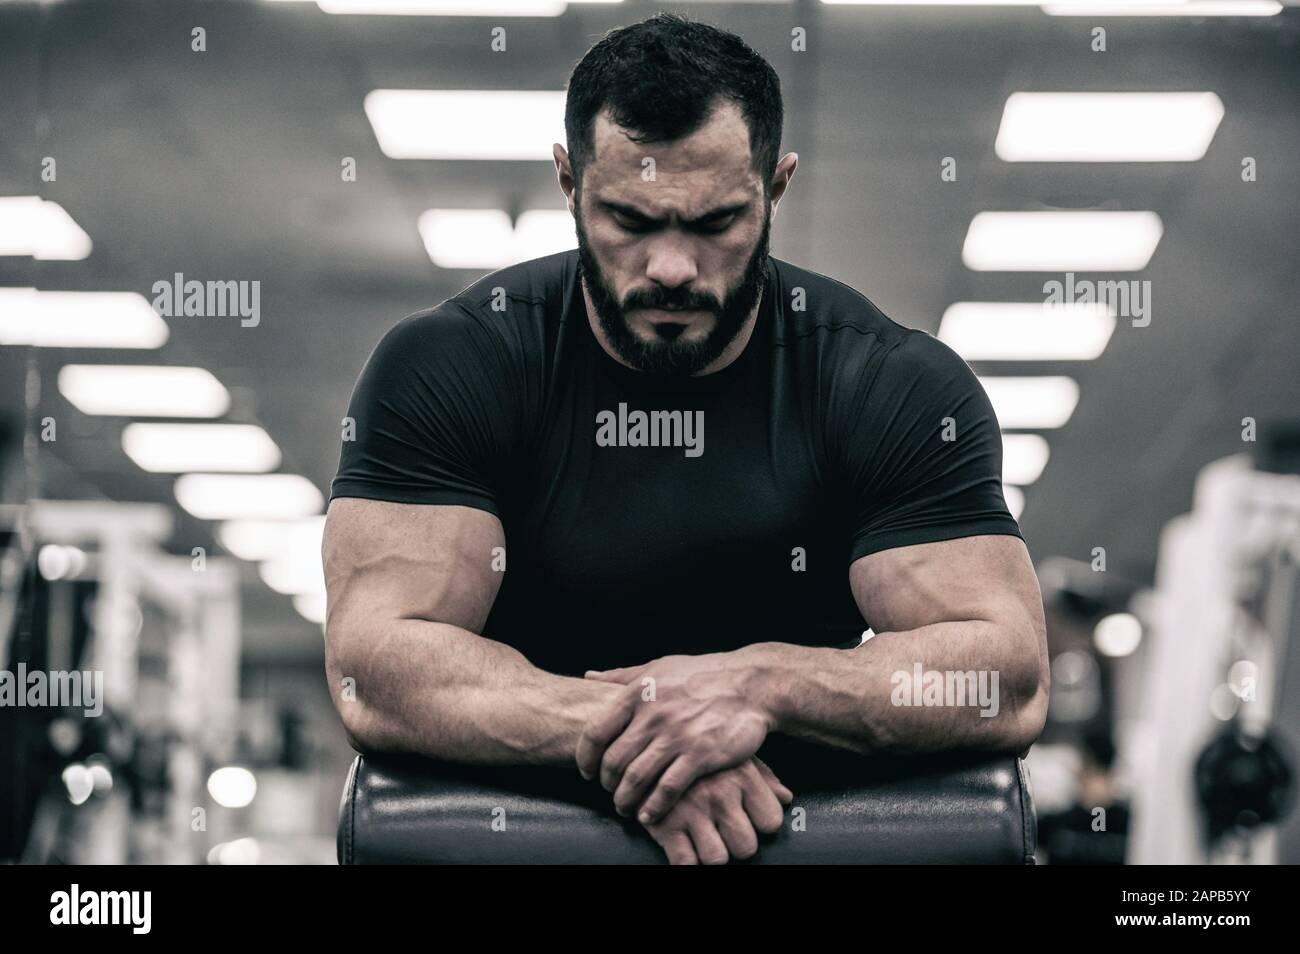 mente mentale sport motivazione concetto di giovane uomo forte con la barba che indossa la maglia nera concentrazione relax in palestra sport Foto Stock